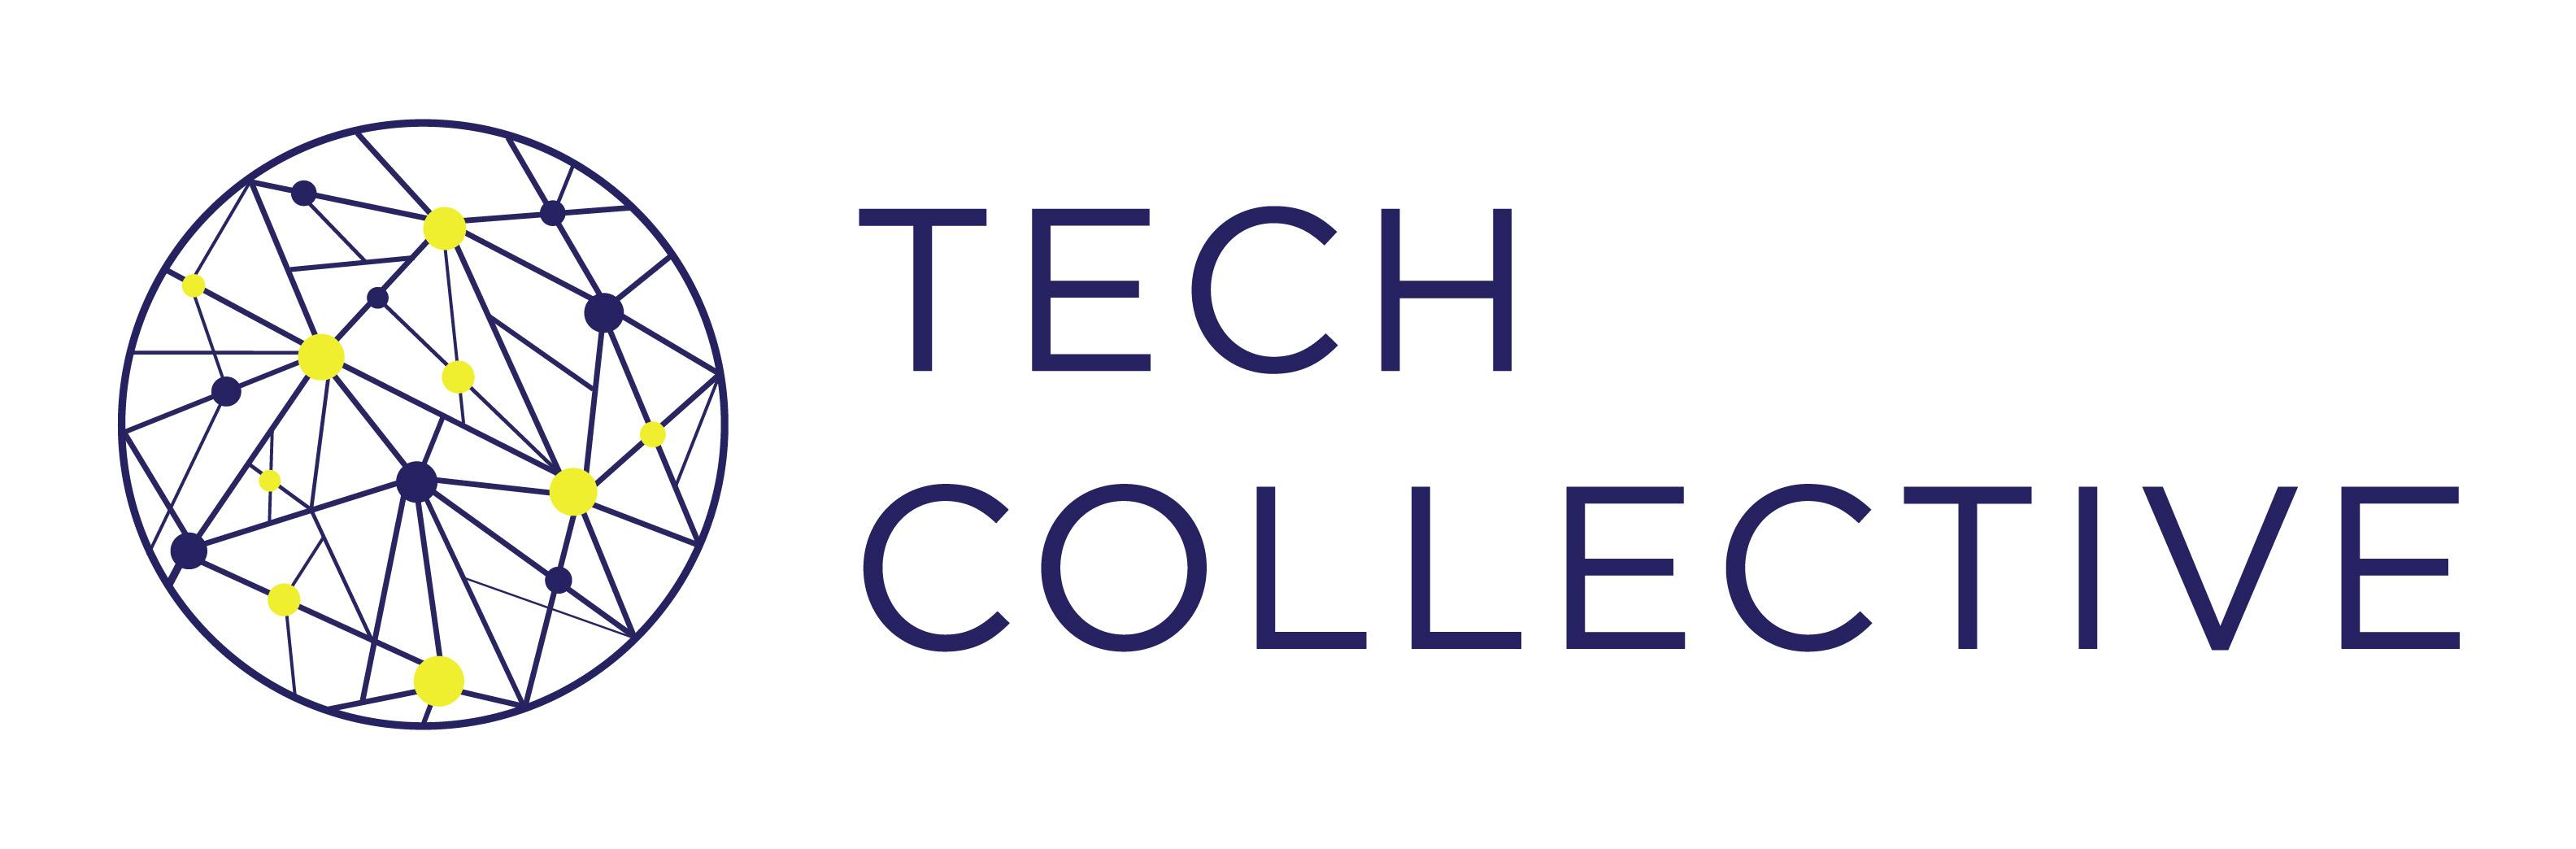 Tech Collective Logo